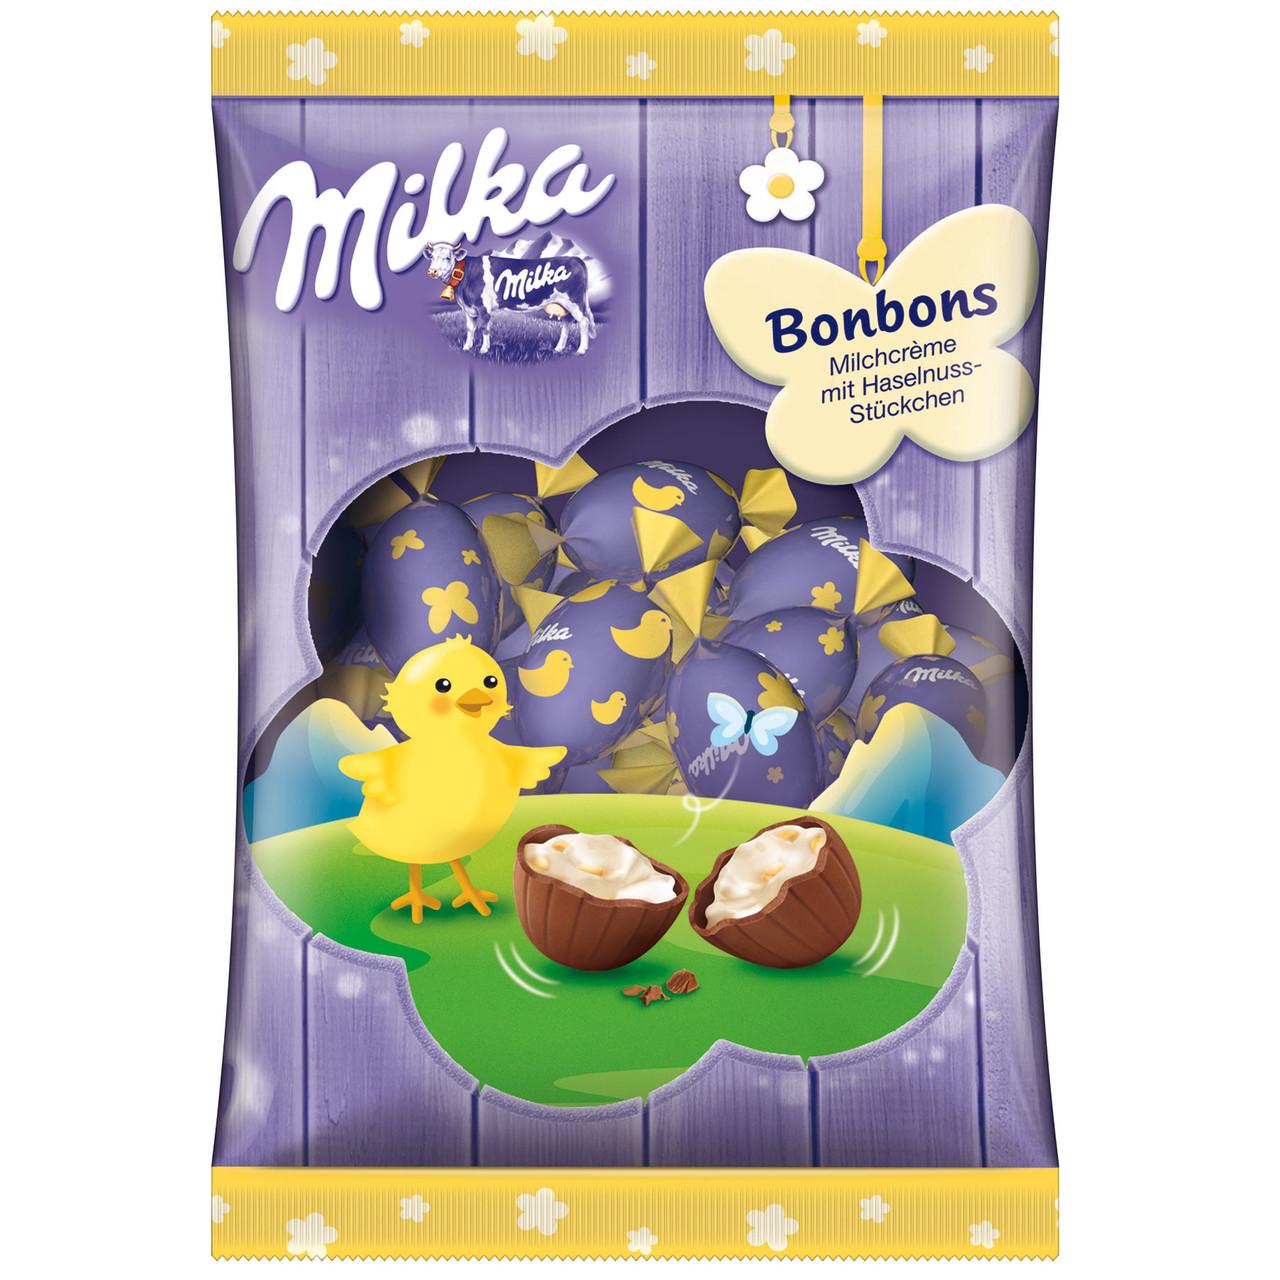 Шоколадные яички Milka «Bonbons Milchcrème Ostern» (С молочным кремом), 86 г.